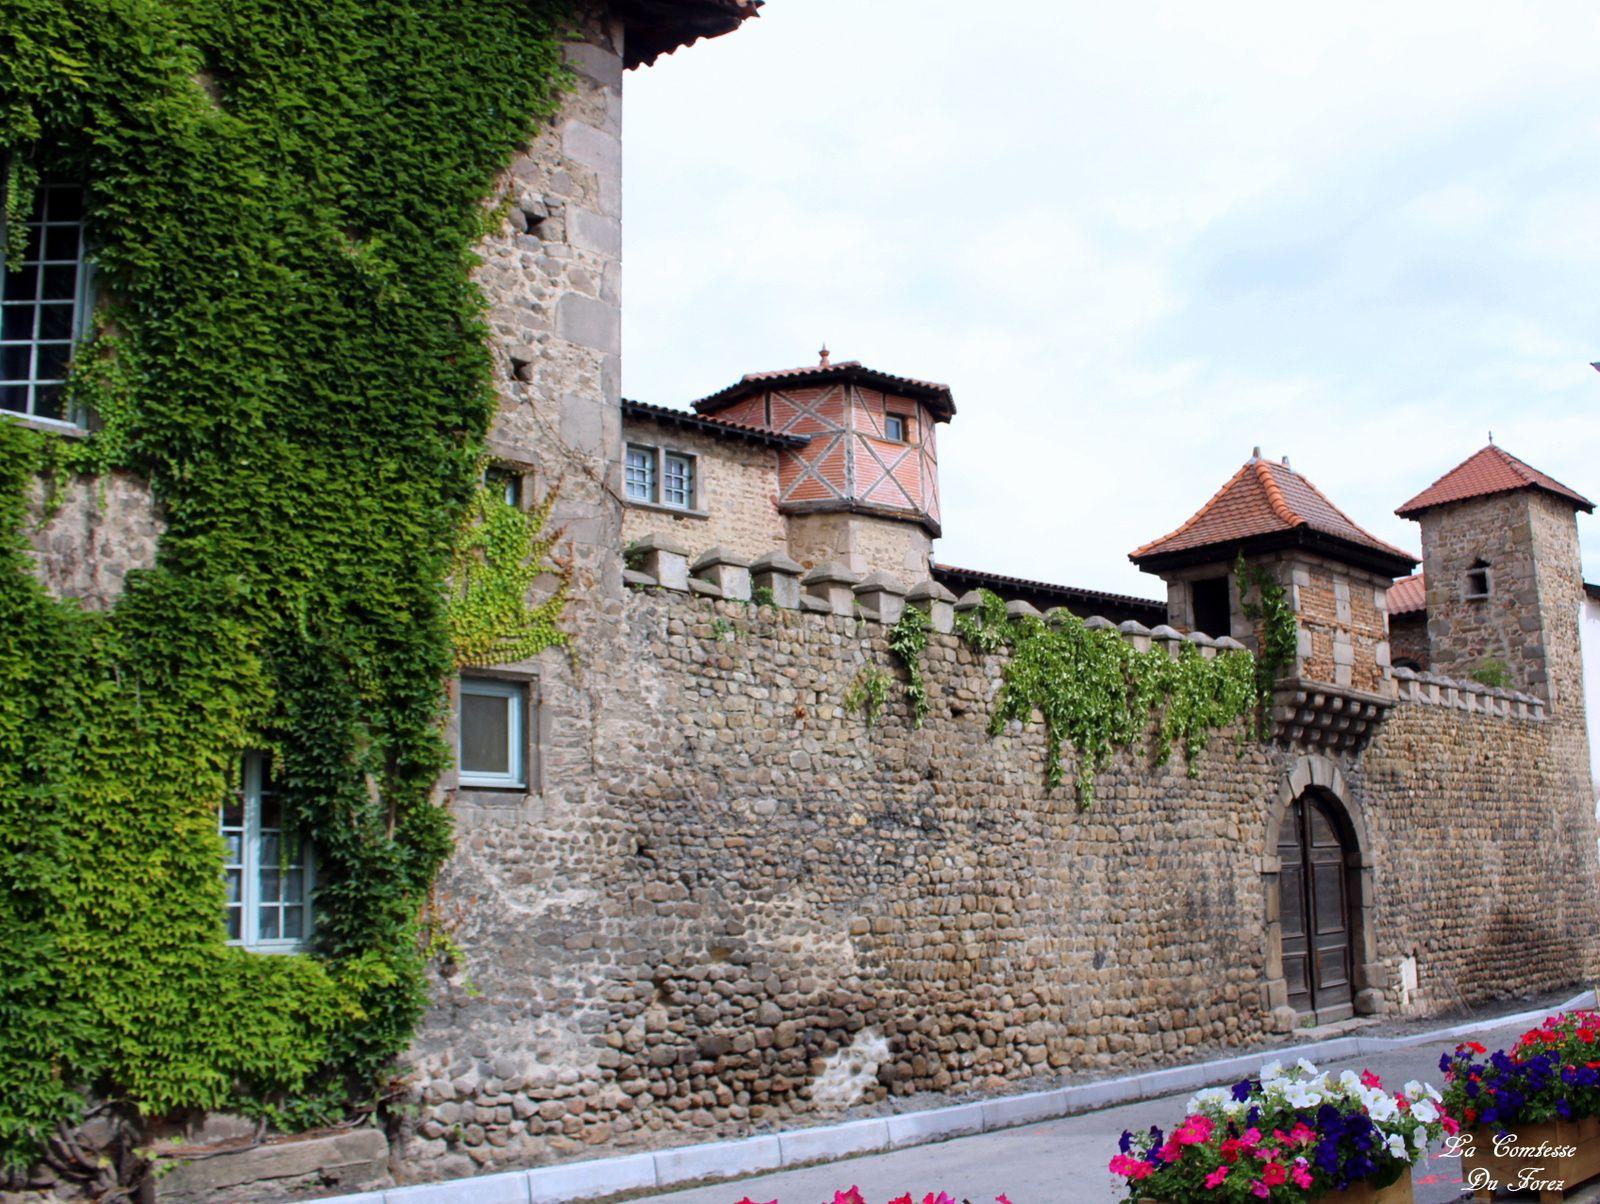 Une Maison du Colombier était mentionnée dès le XIVe siècle. Le manoir du Colombier, au nord du bourg, ne prendra son nom qu'à  la fin du XVIIe siècle. Sa construction remonte à  l'an 1630. Des créneaux couronnent le mur de clôture surmonté d'un superbe édicule en encorbellement, orné de mâchicoulis, reposant sur des corbeaux en pierre. Ces ouvrages défensifs ne servaient plus au XVIIe siècle et ont été installés à  titre décoratif. A l'intérieur se trouve une belle loggia.